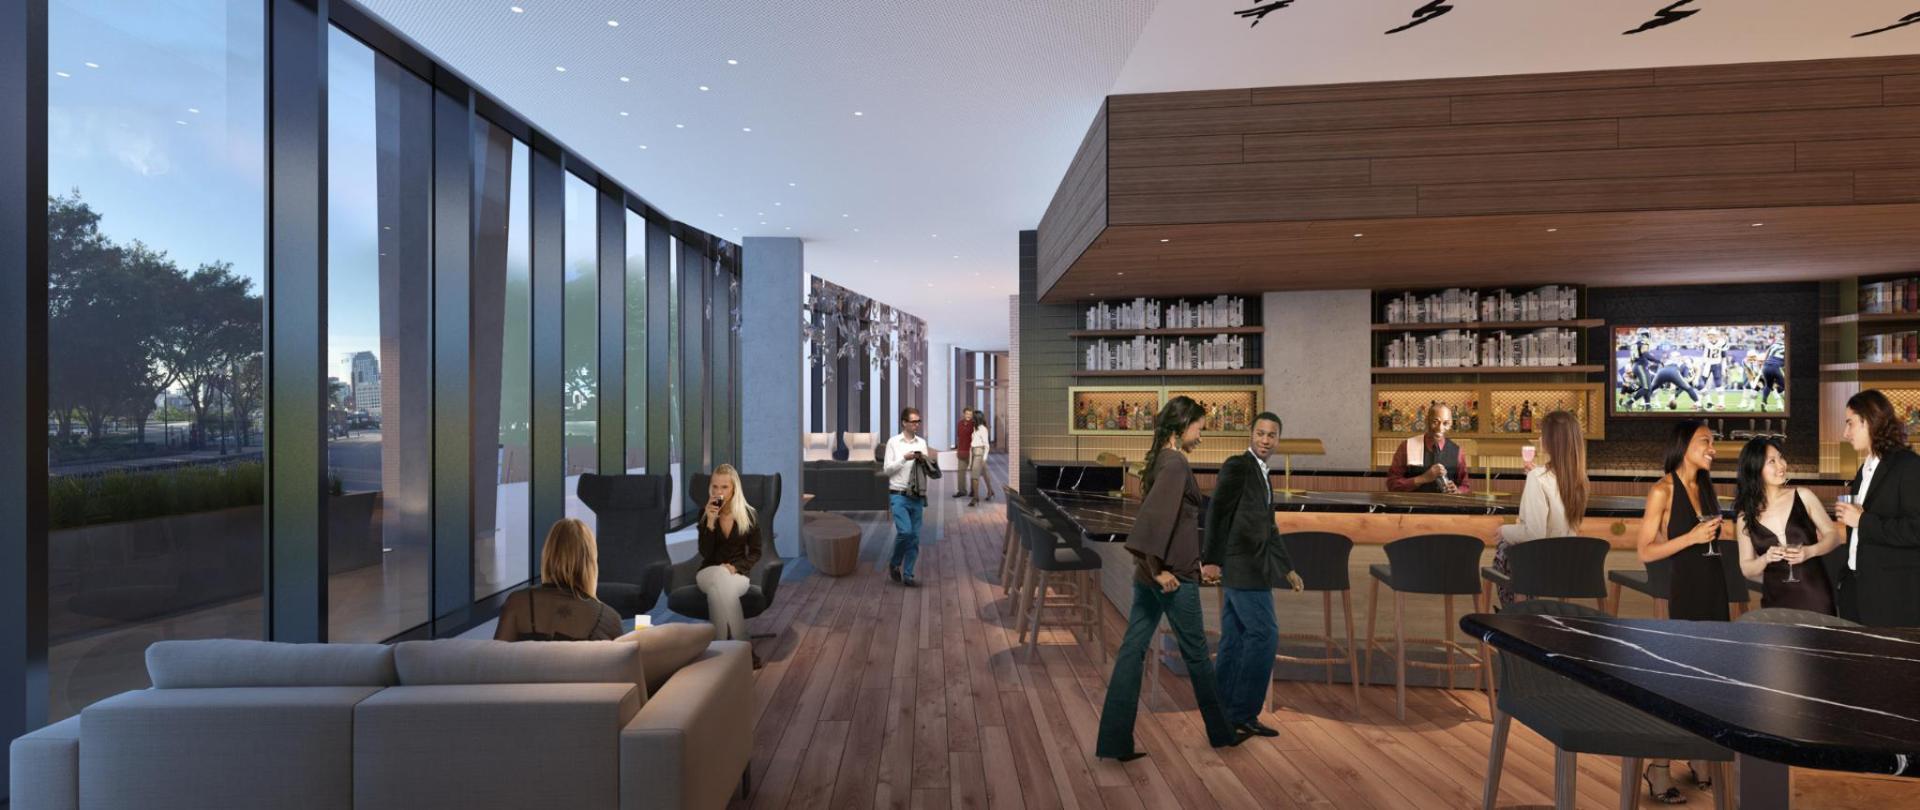 lobby2 rendering.png